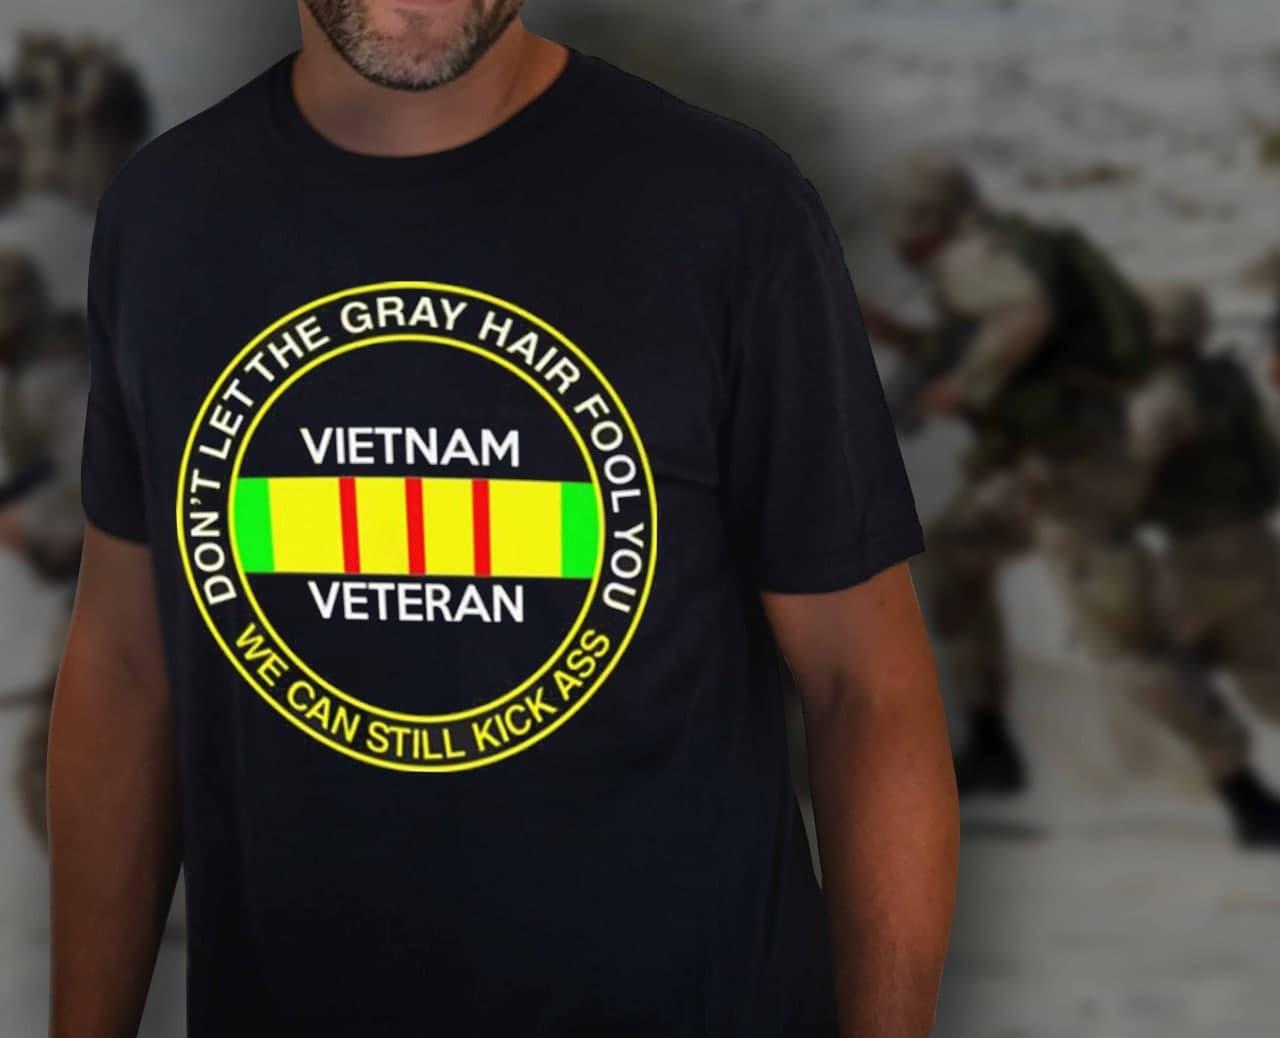 Vietnam Veteran Shirt We Still Kick Ass